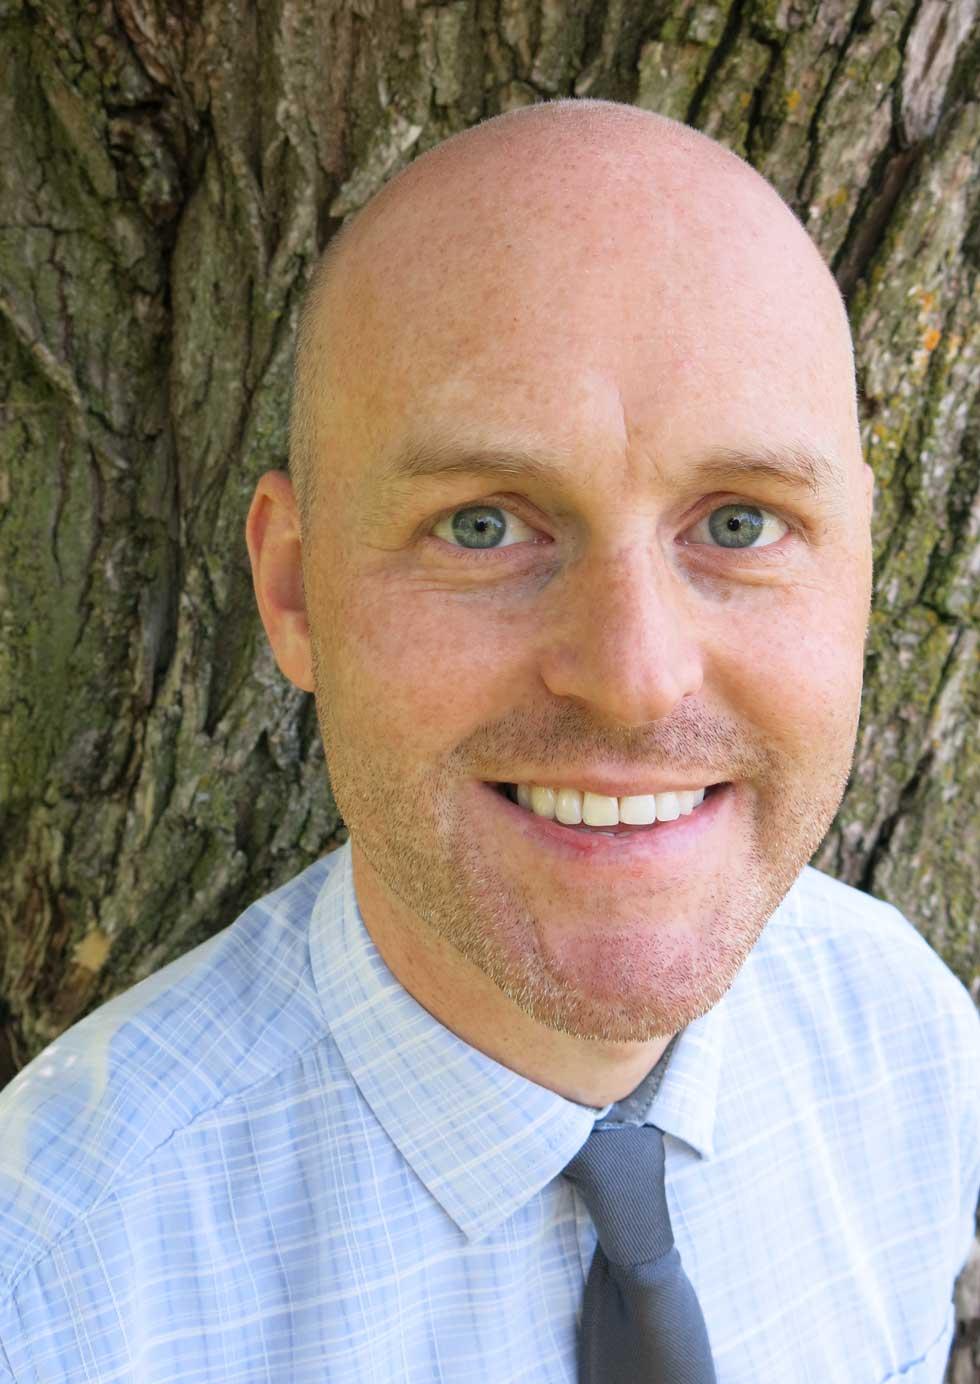 Portrait of Peter Zimmermans